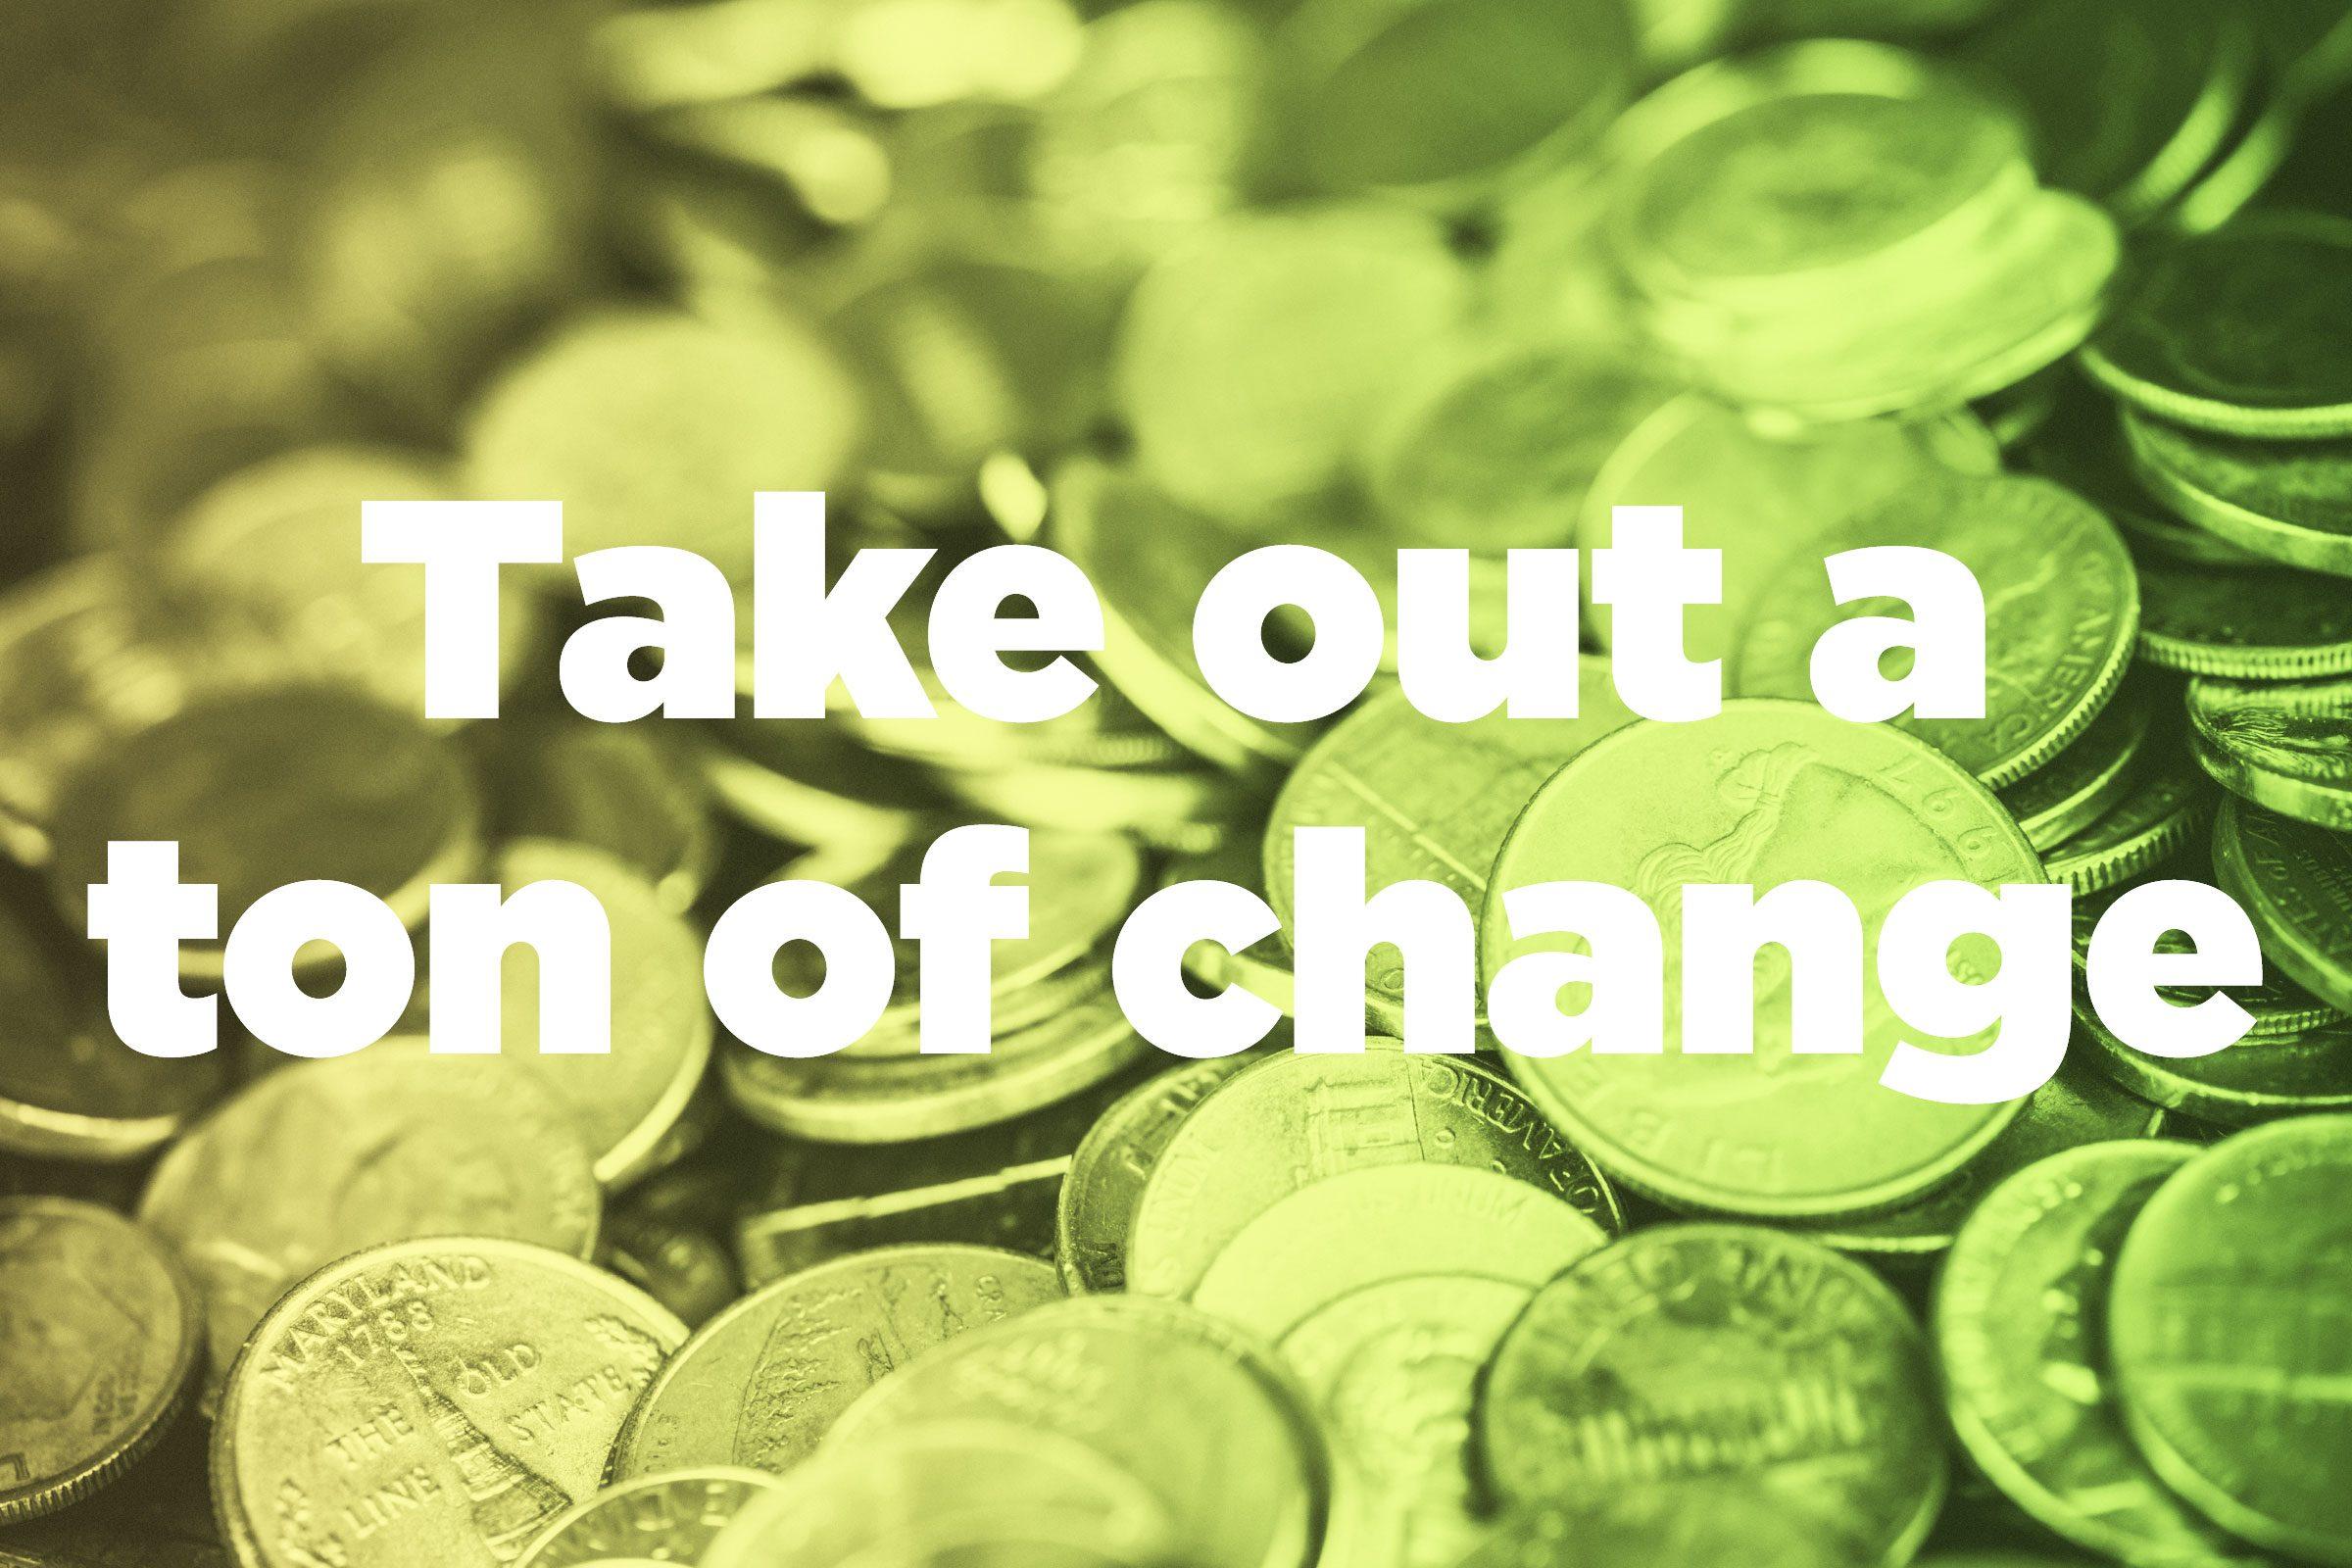 11 Yard Sale Tips for Making Money | Reader's Digest